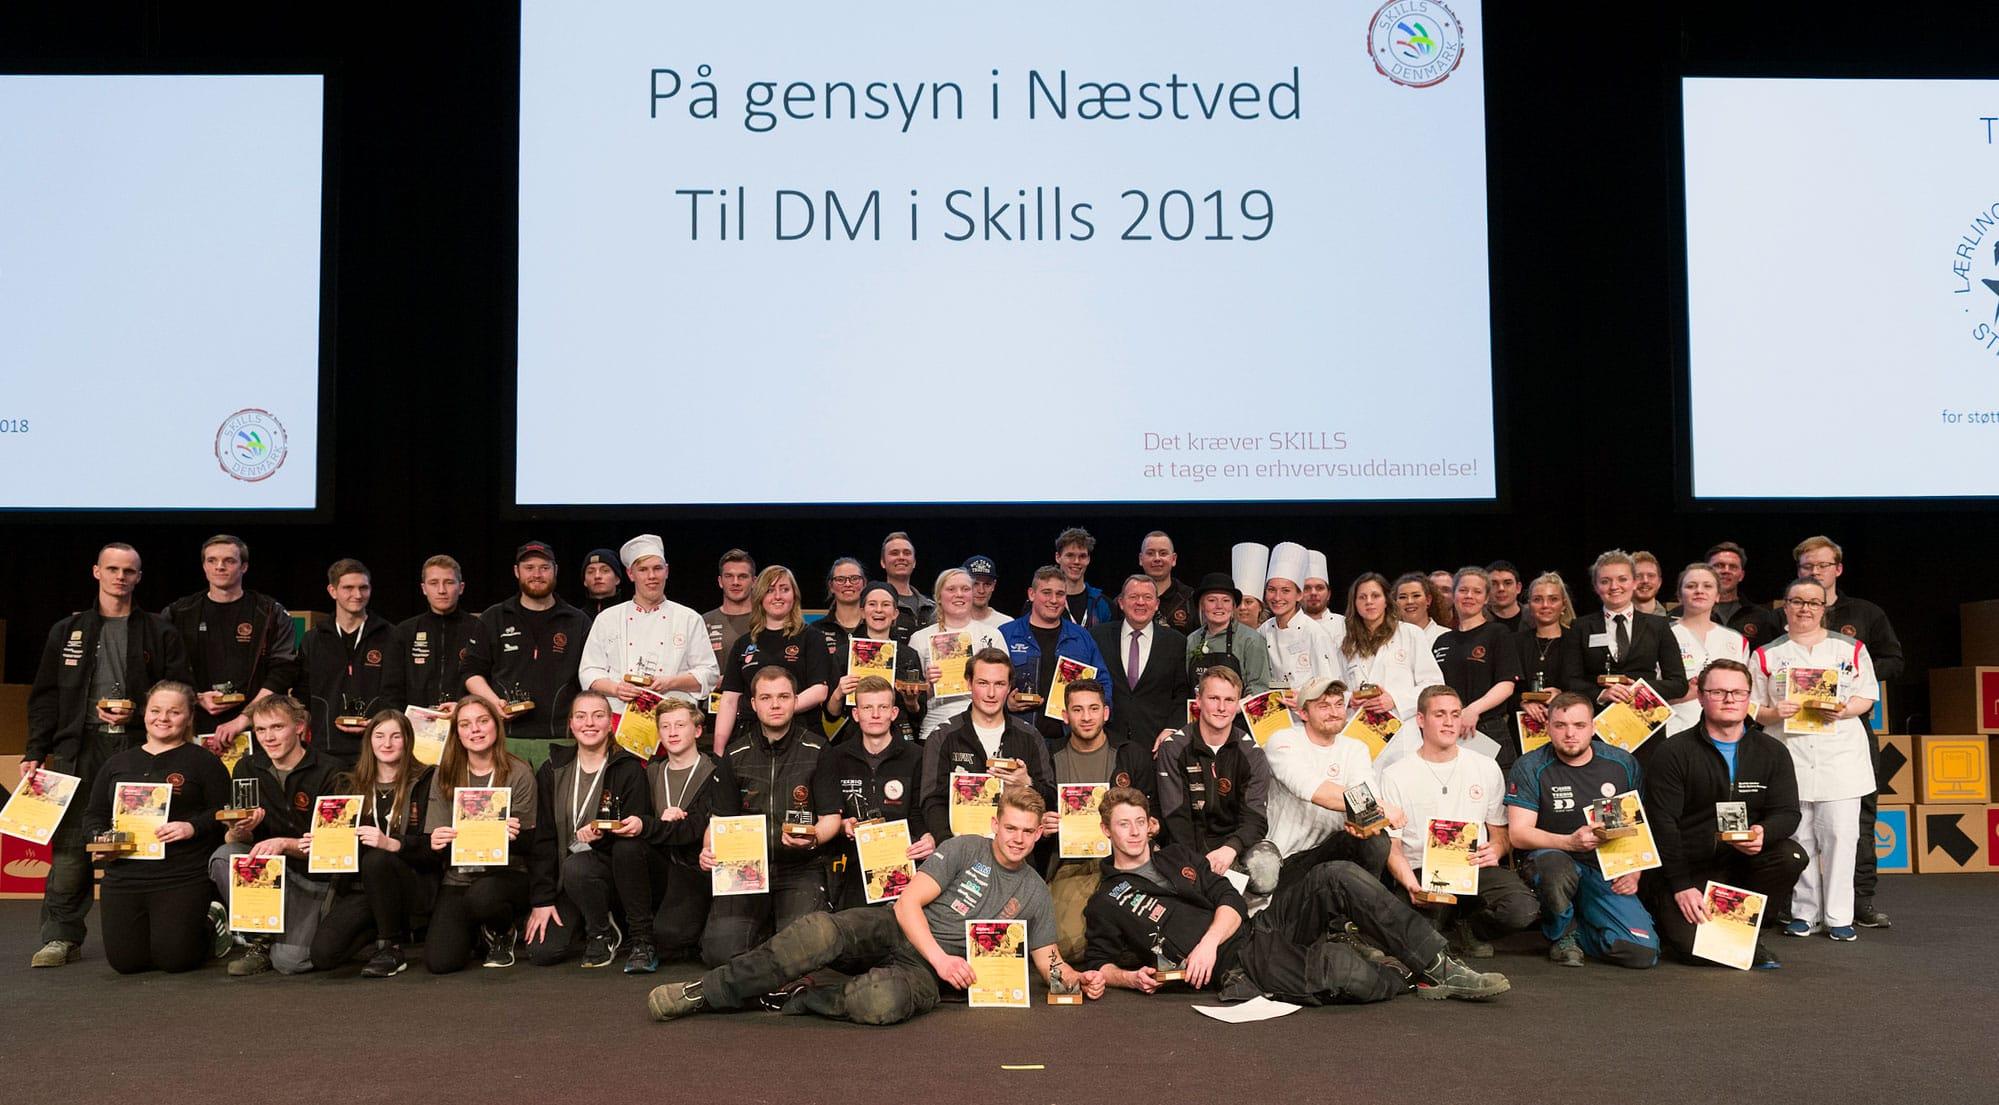 DM i Skills og Sct. Jørgens Park